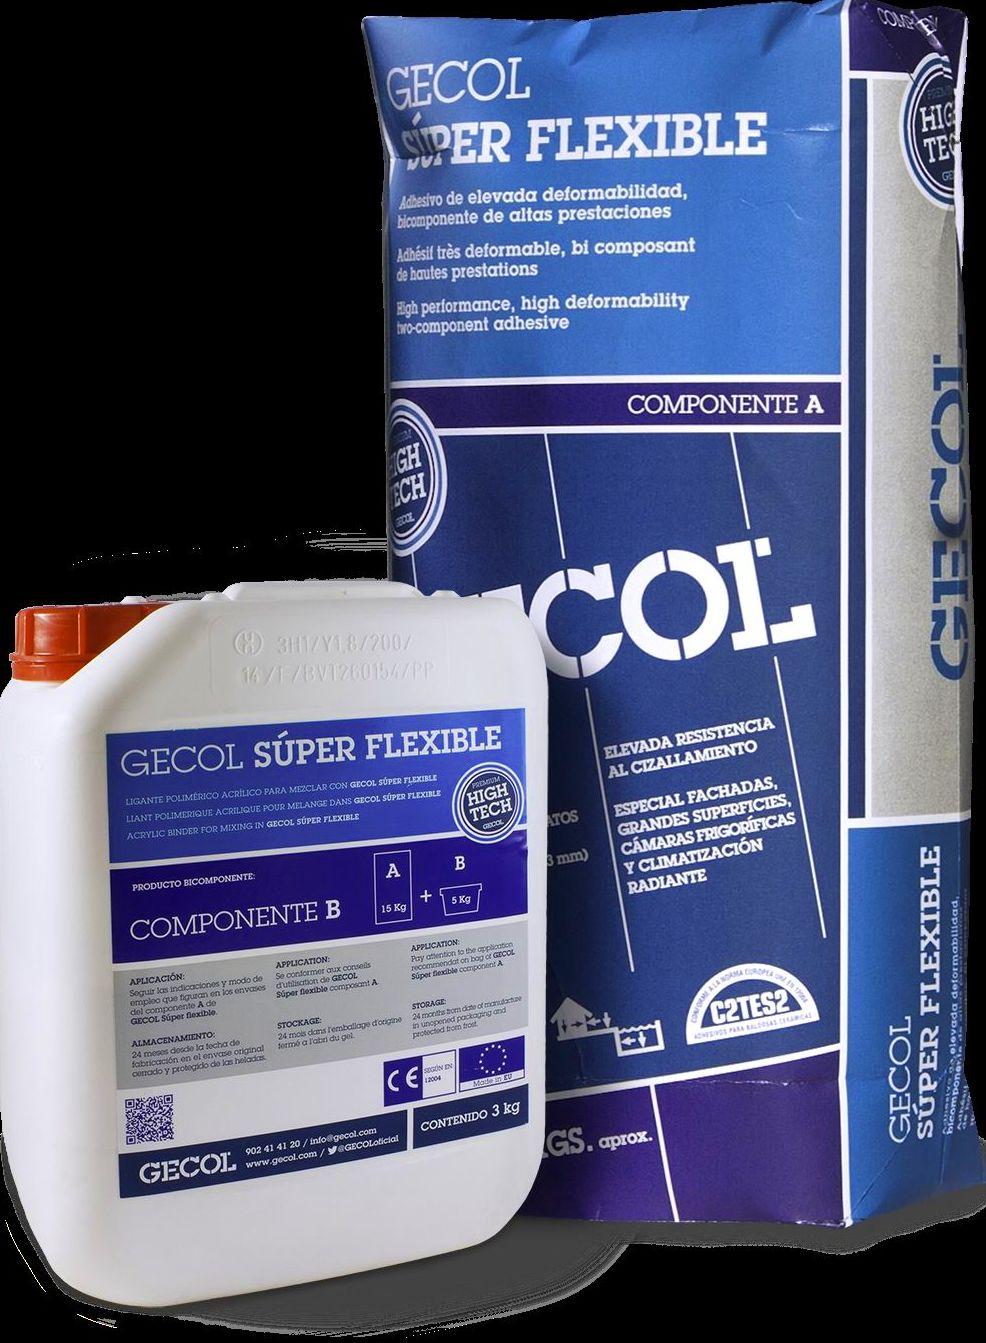 Gecol Súper Flexible Premium: Catálogo de Materiales de Construcción J. B.